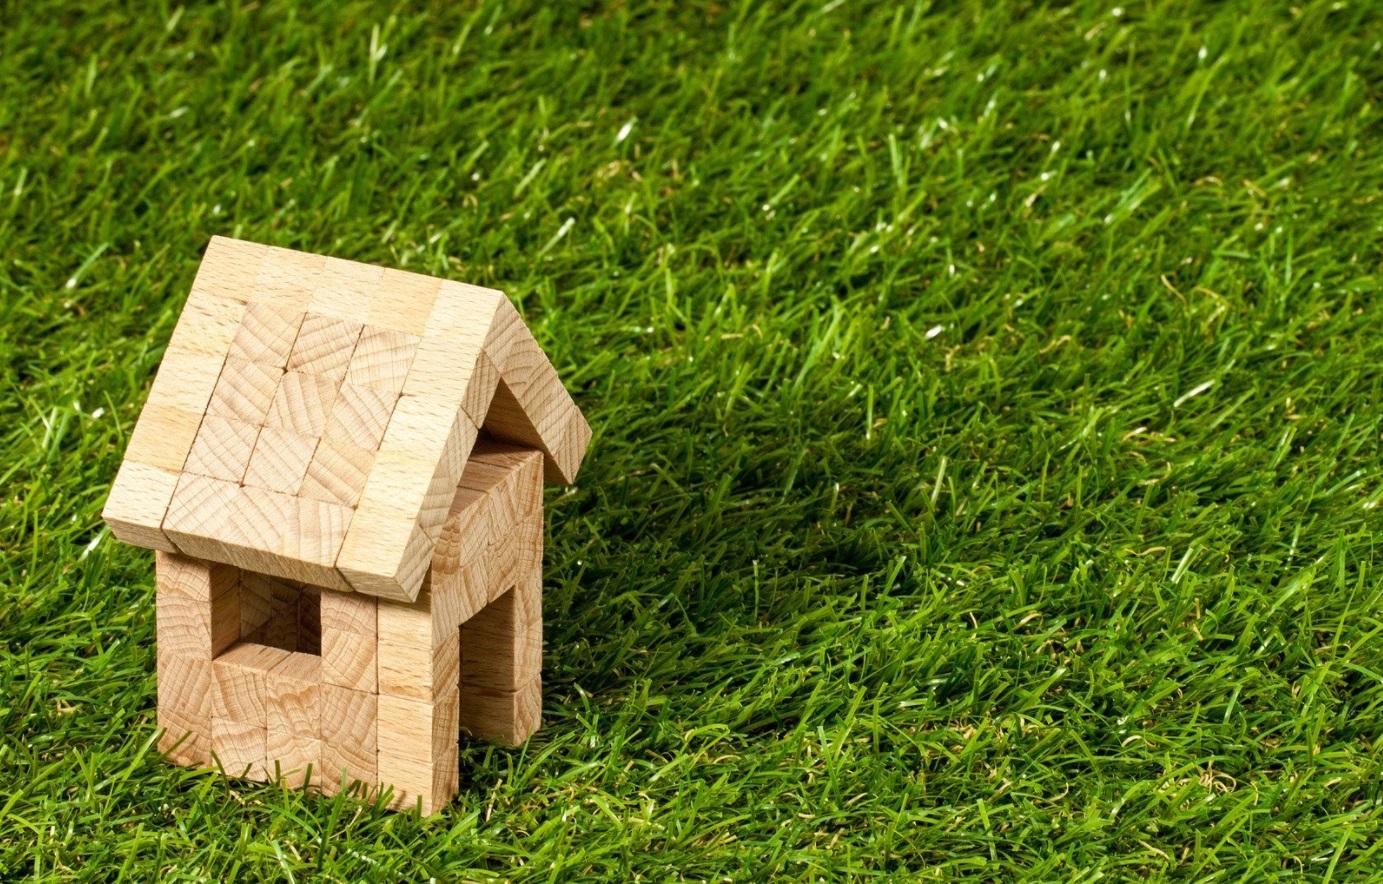 Maison en bois sur herbe